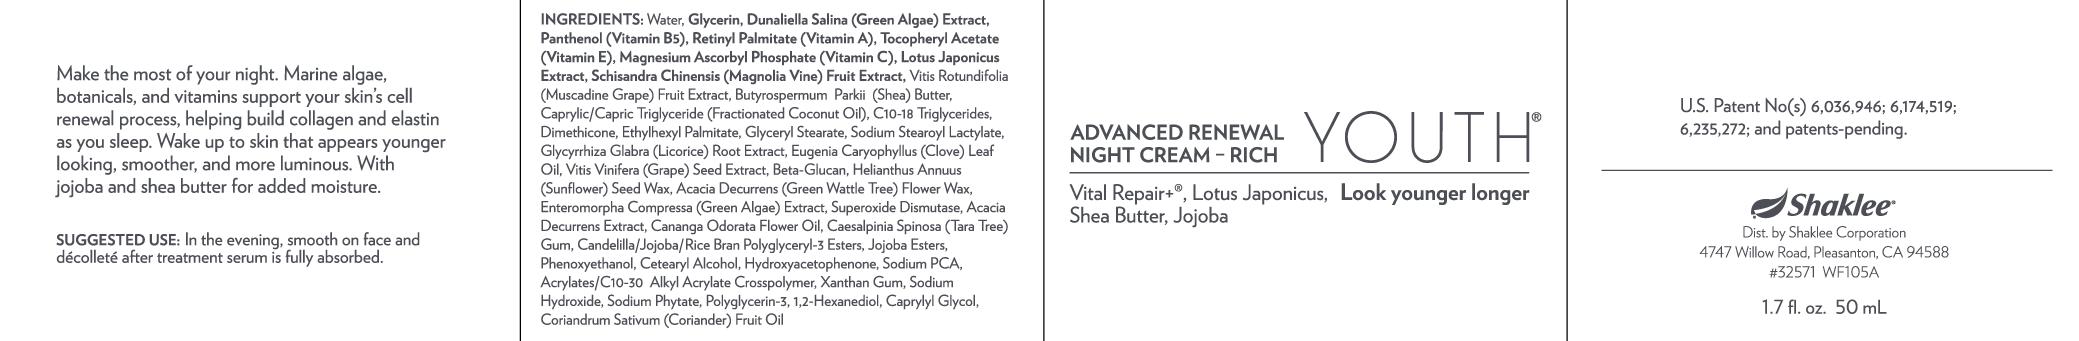 Advanced Renewal Night Cream- Rich